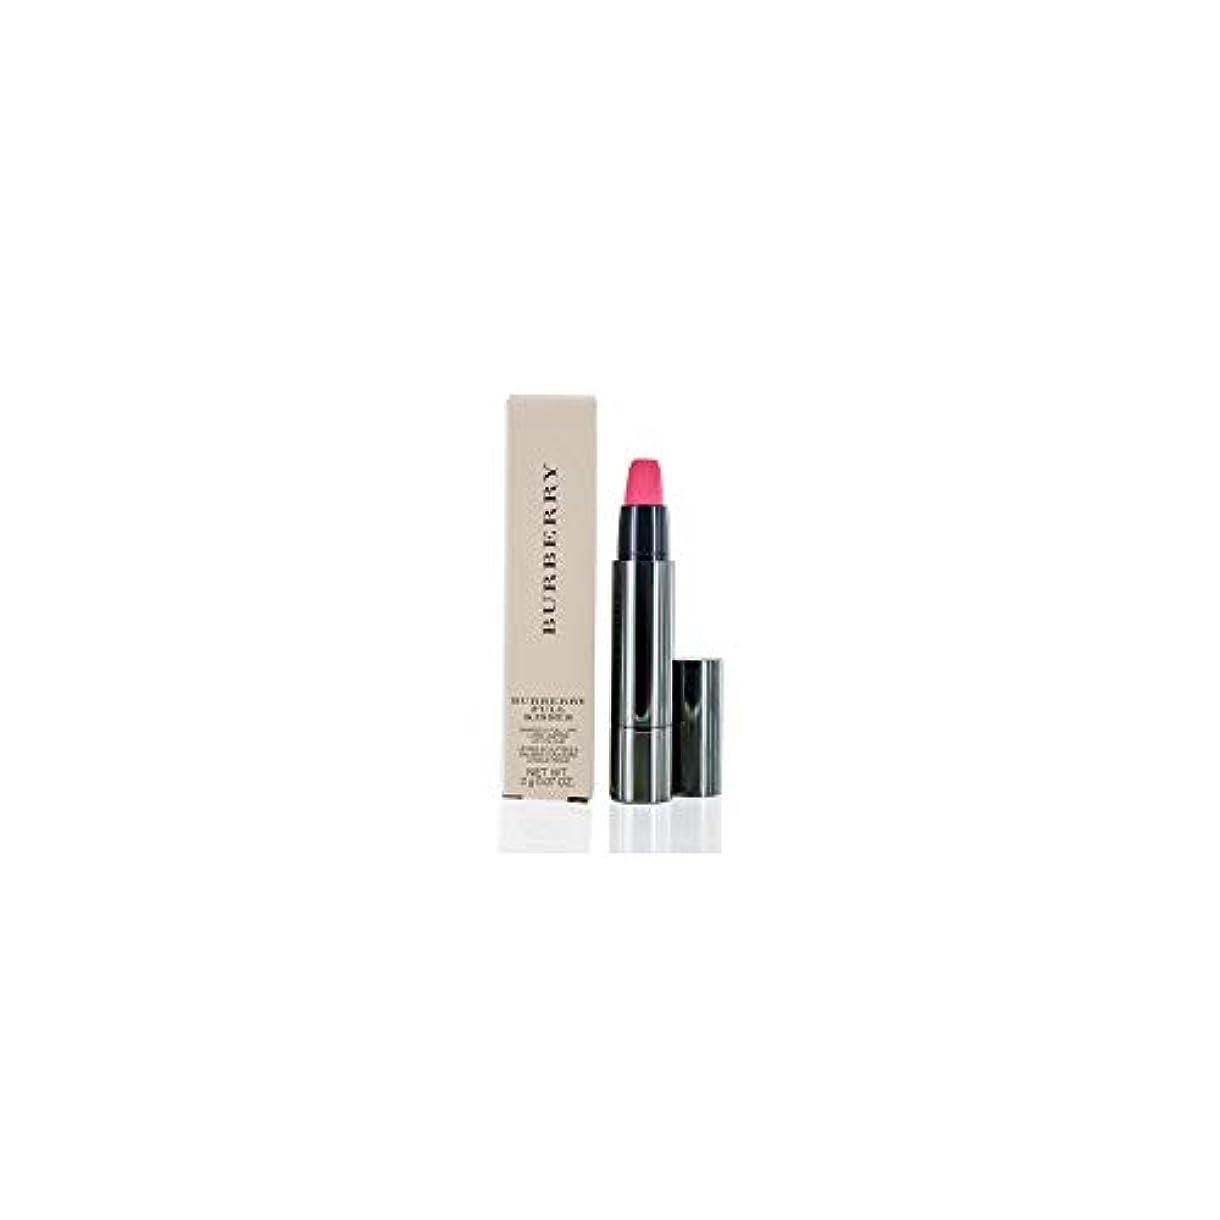 早いジョージスティーブンソン類推バーバリー Burberry Full Kisses Shaped & Full Lips Long Lasting Lip Colour - # No. 513 Peony Rose 2g/0.07oz